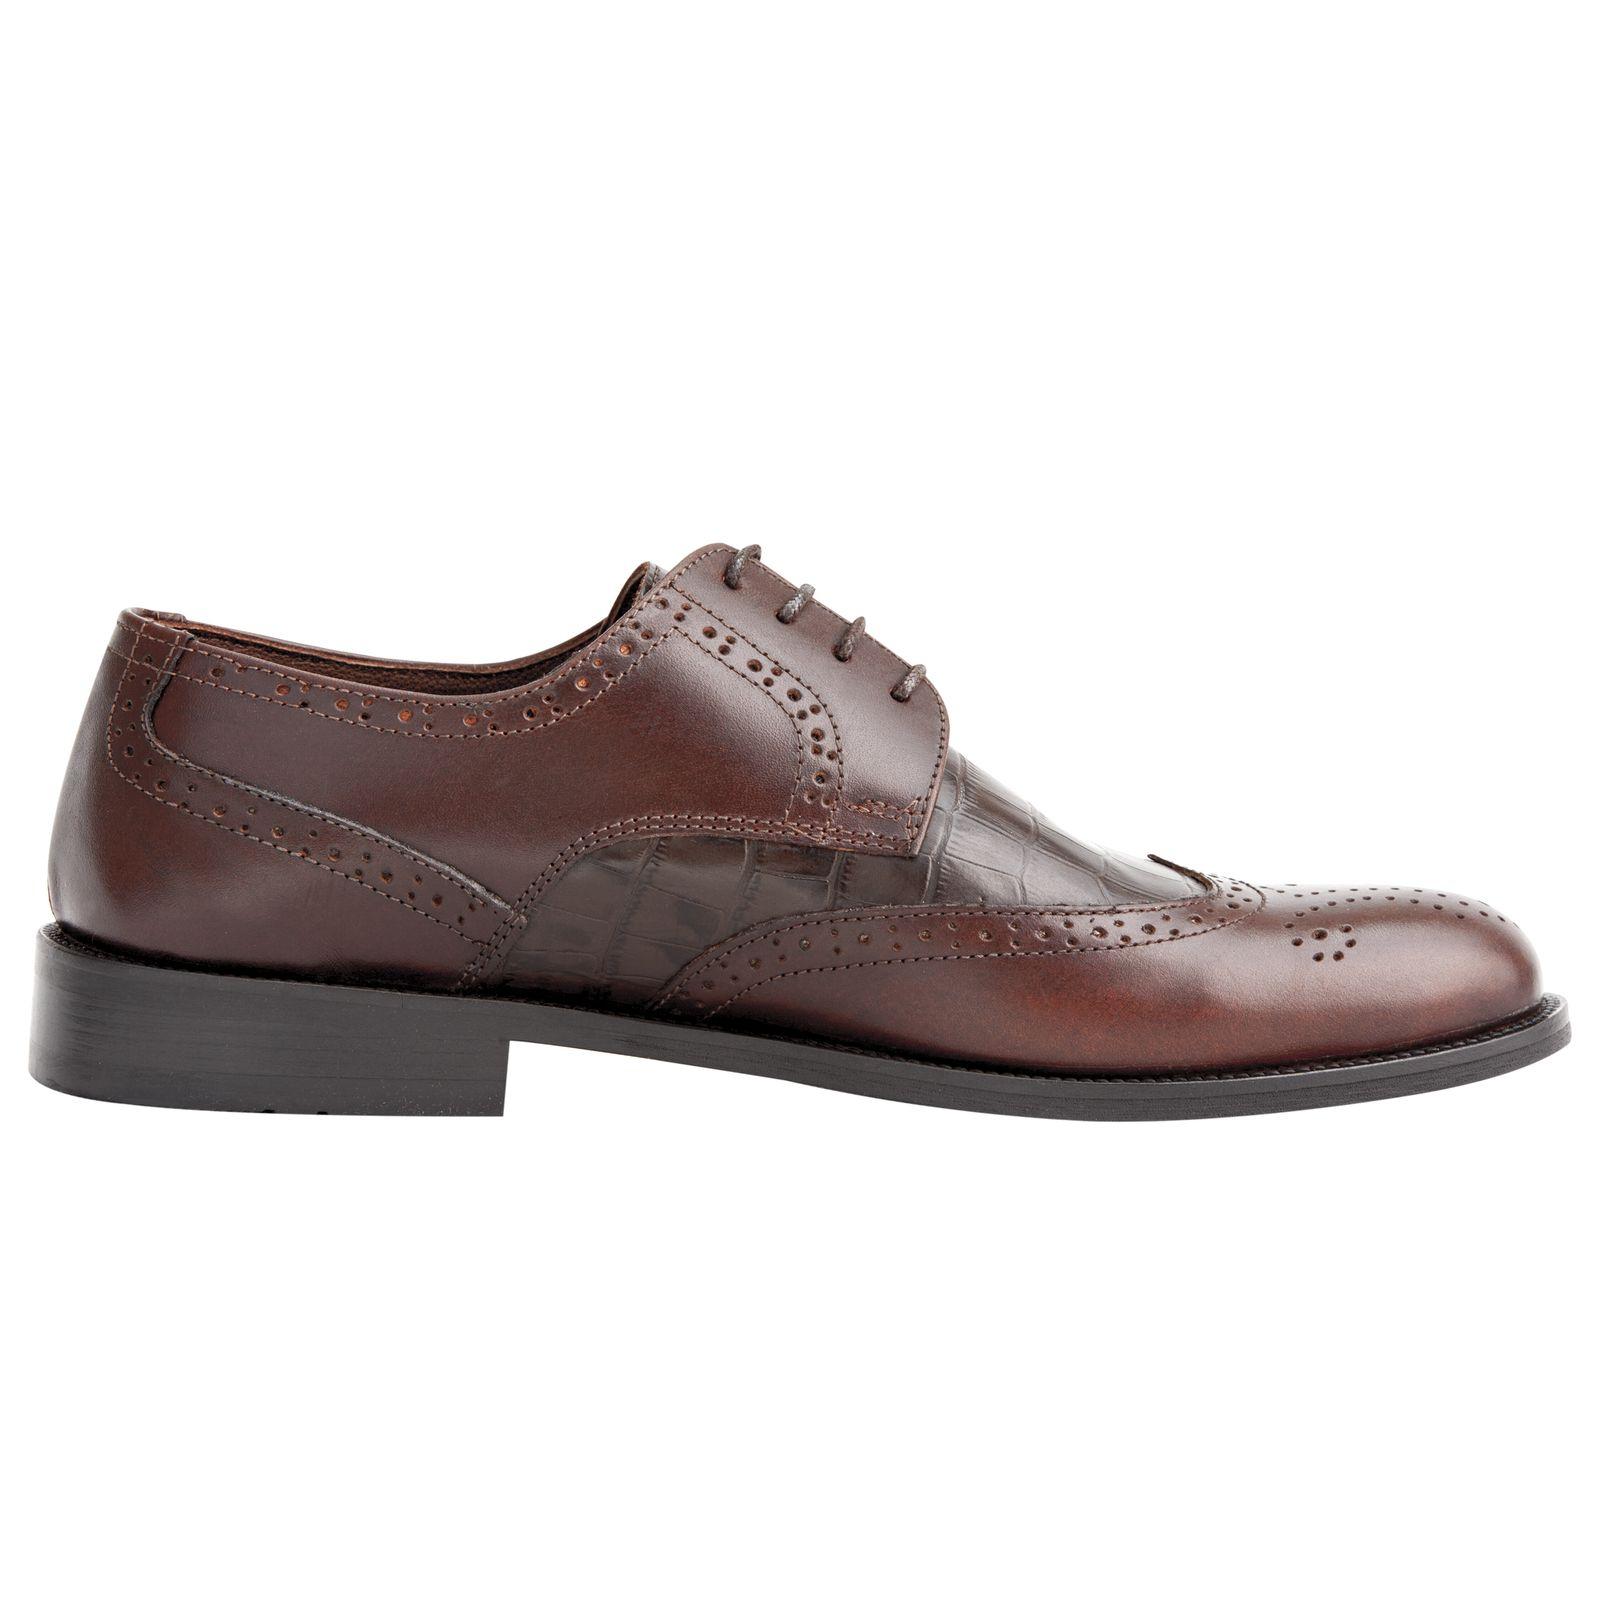 کفش مردانه فری مود کد 1518 رنگ قهوه ای -  - 4